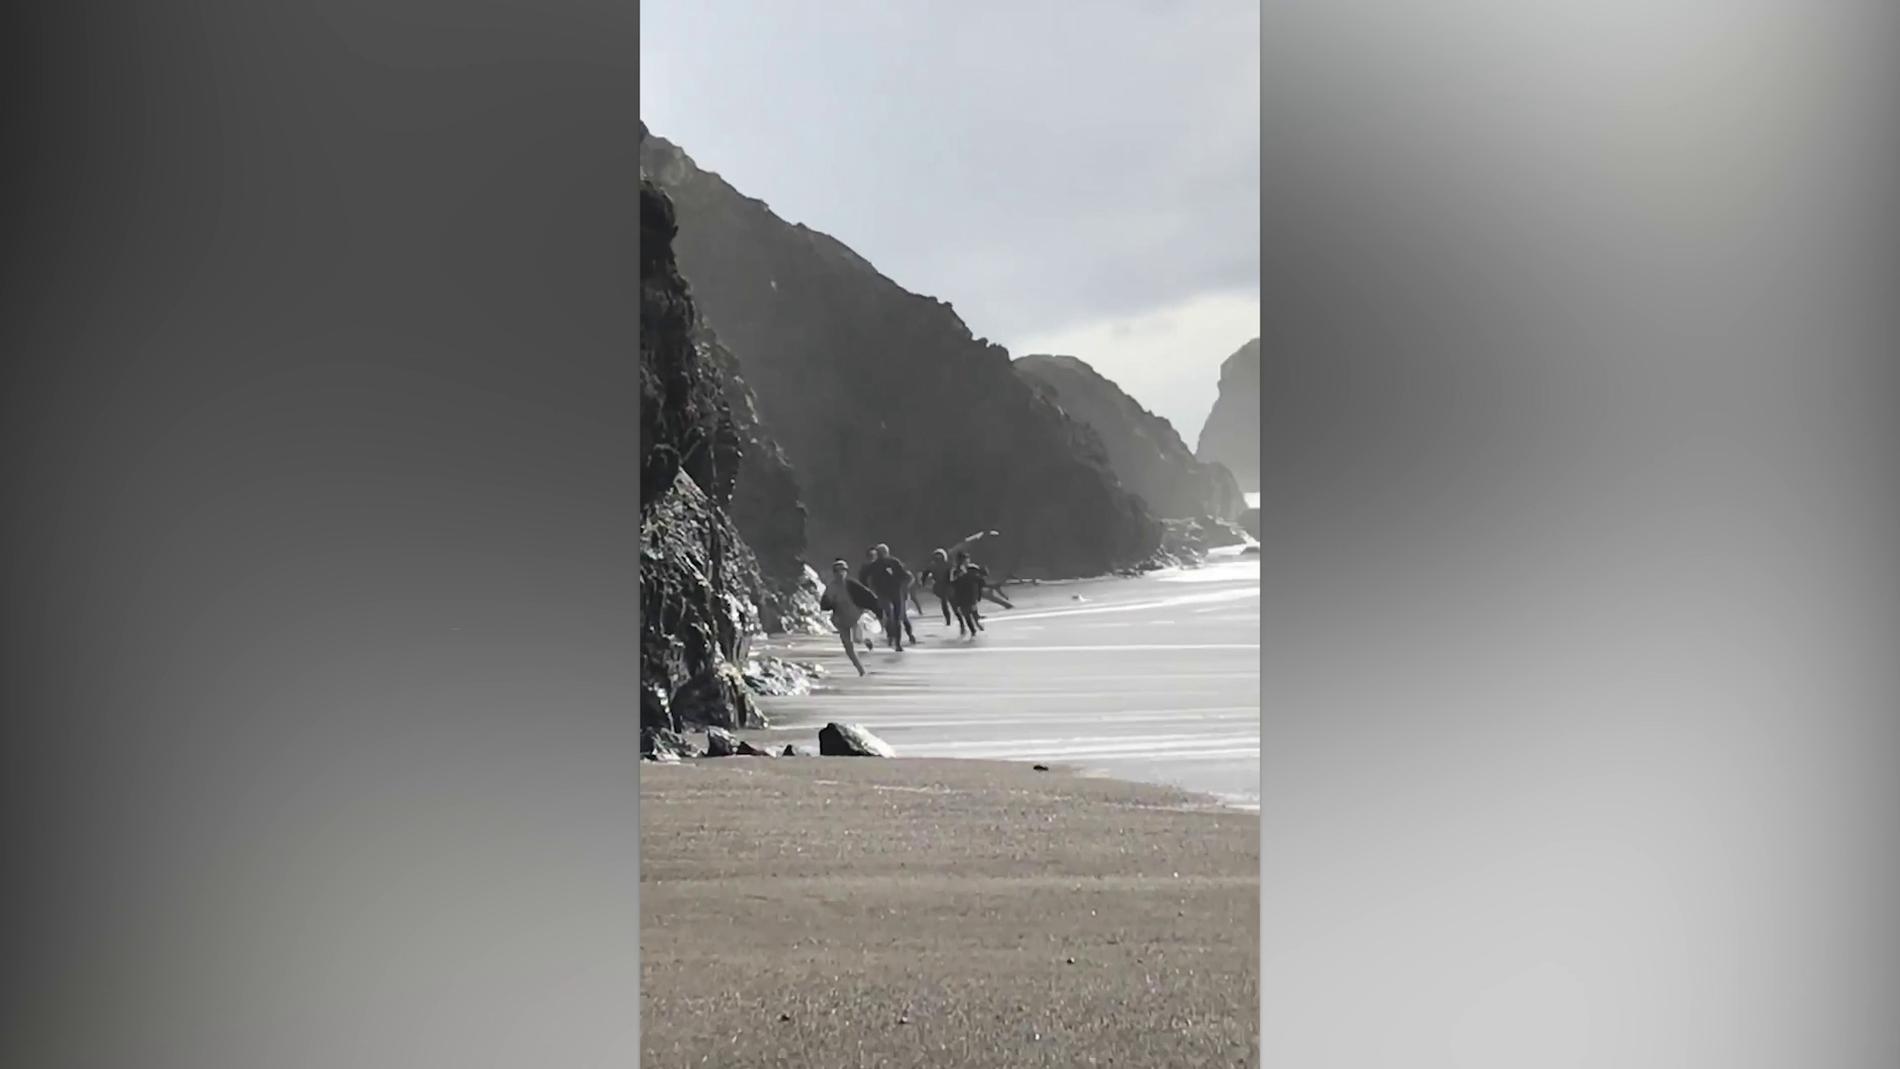 Familia golpeada por una ola